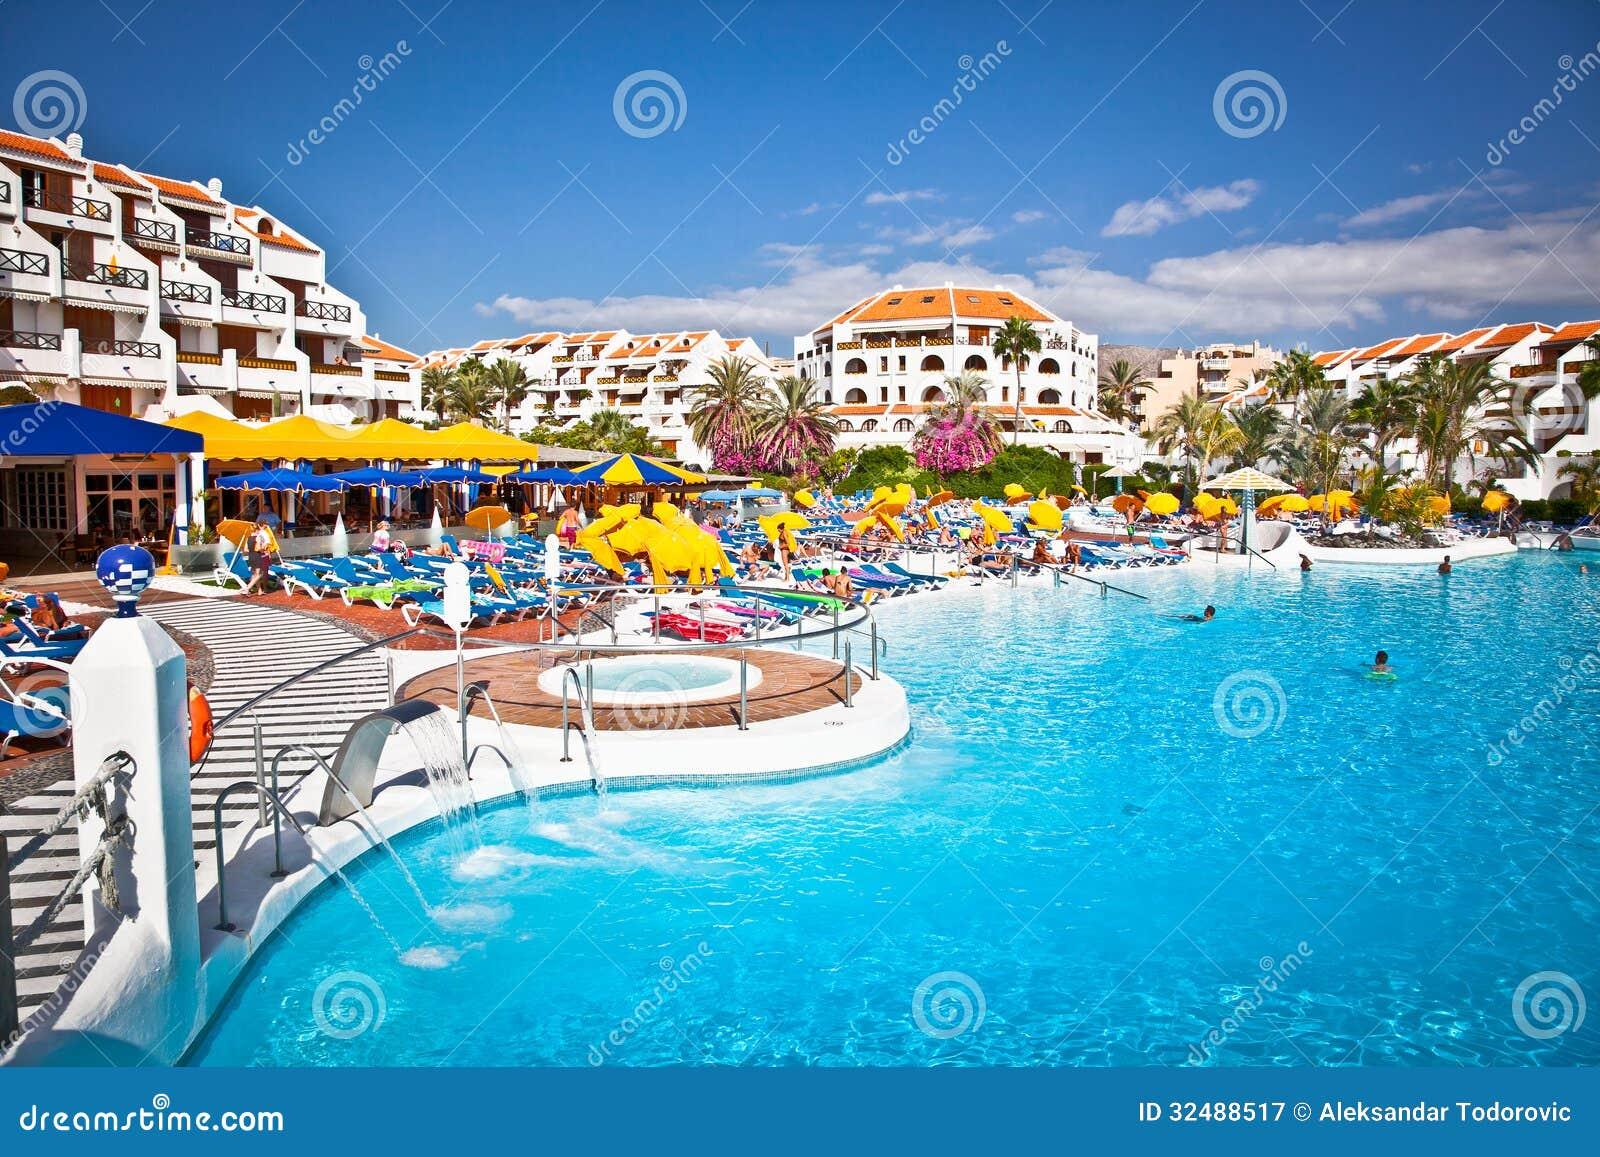 Hotels In Adeje Tenerife Spain